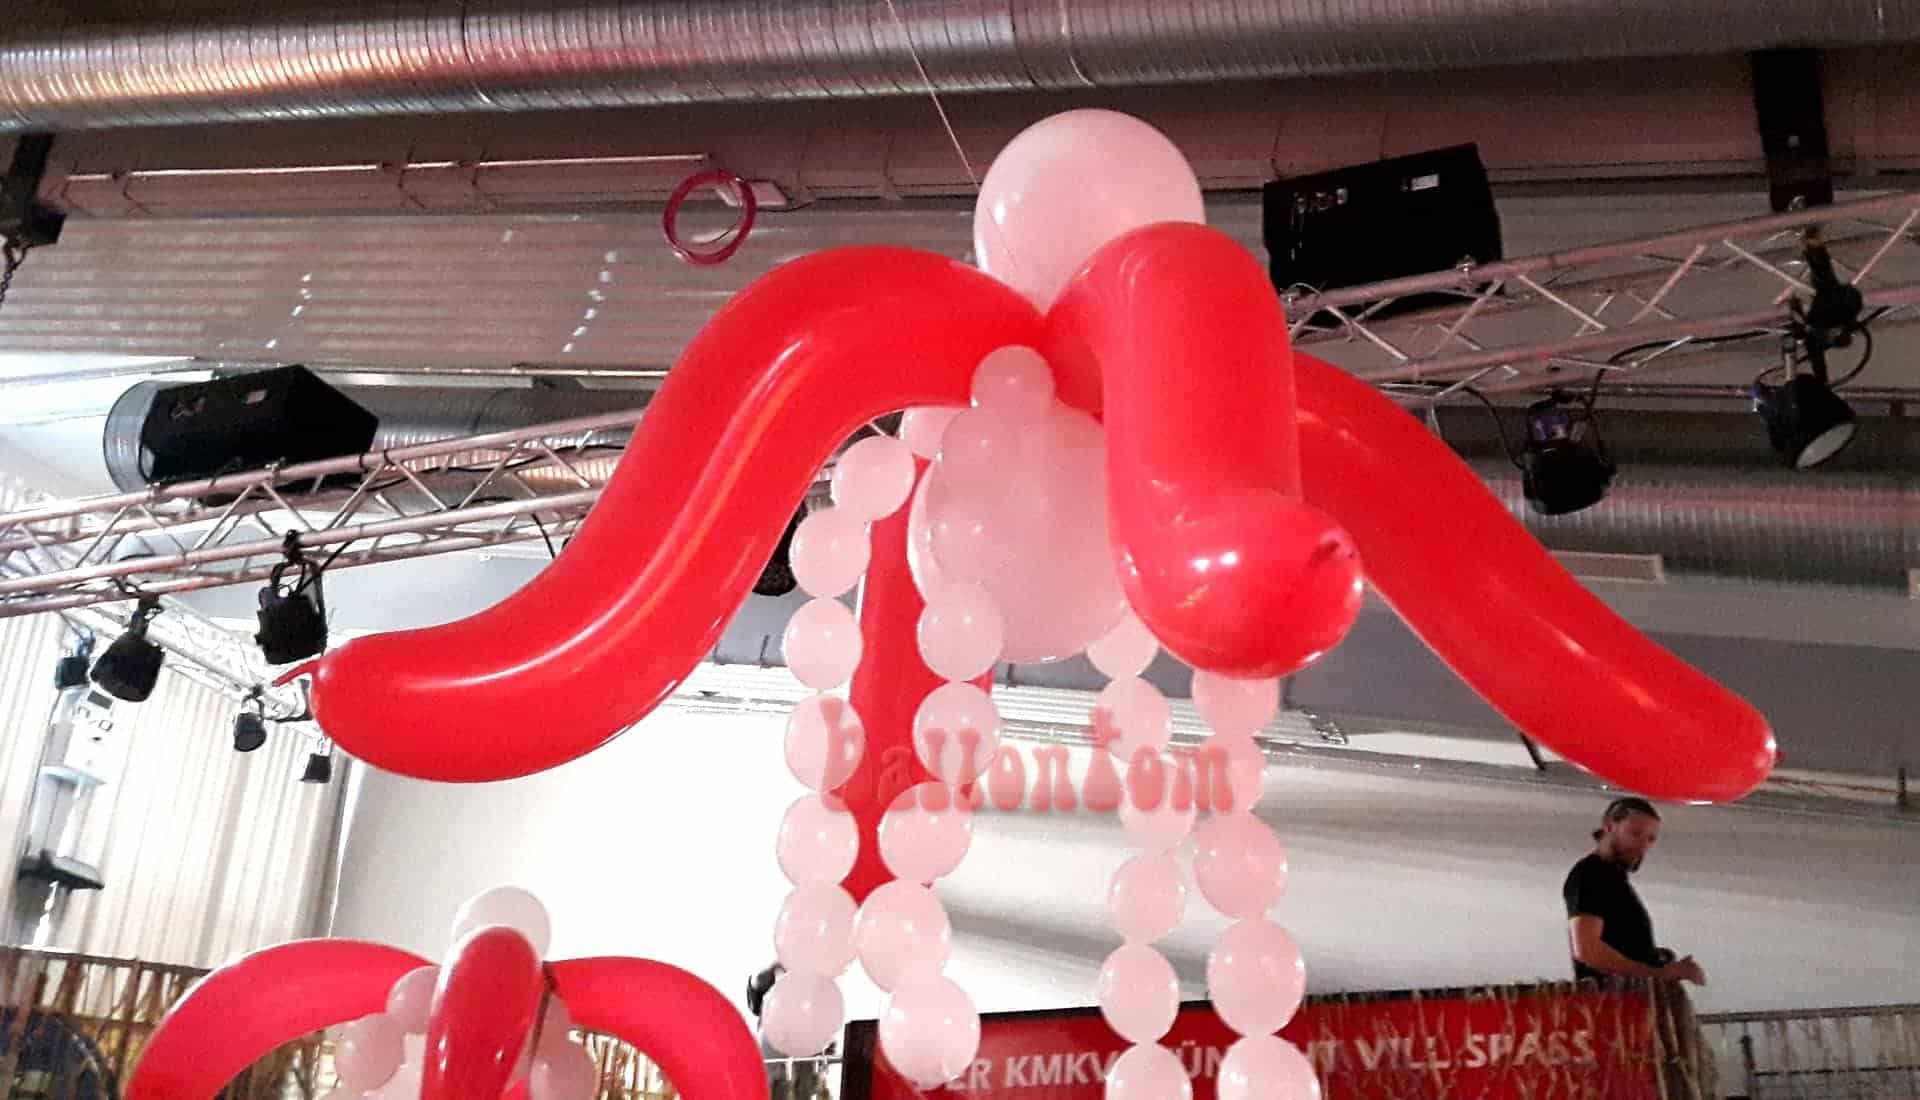 Ballonpflanze im Technikum in München